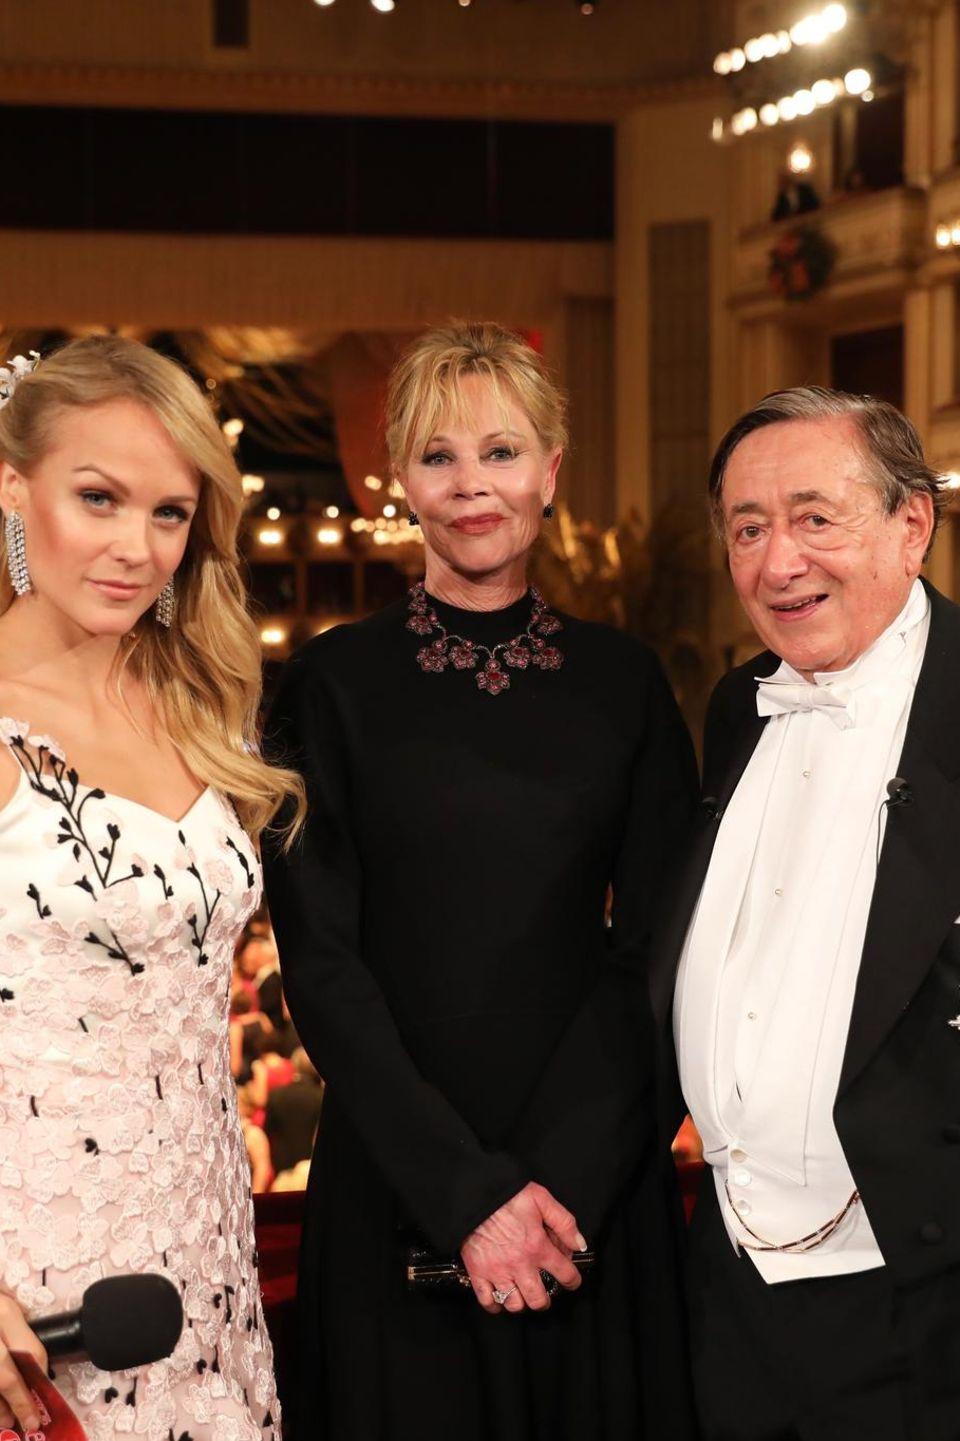 Moderatorin Mirjam Weichselbaum posiert im floral bestickten Abendkleid den beiden wichtigsten Personen des Wiener Opernballs: Gastgeber Richard Lugner und sein diesjähriger Stargast Melanie Griffith.